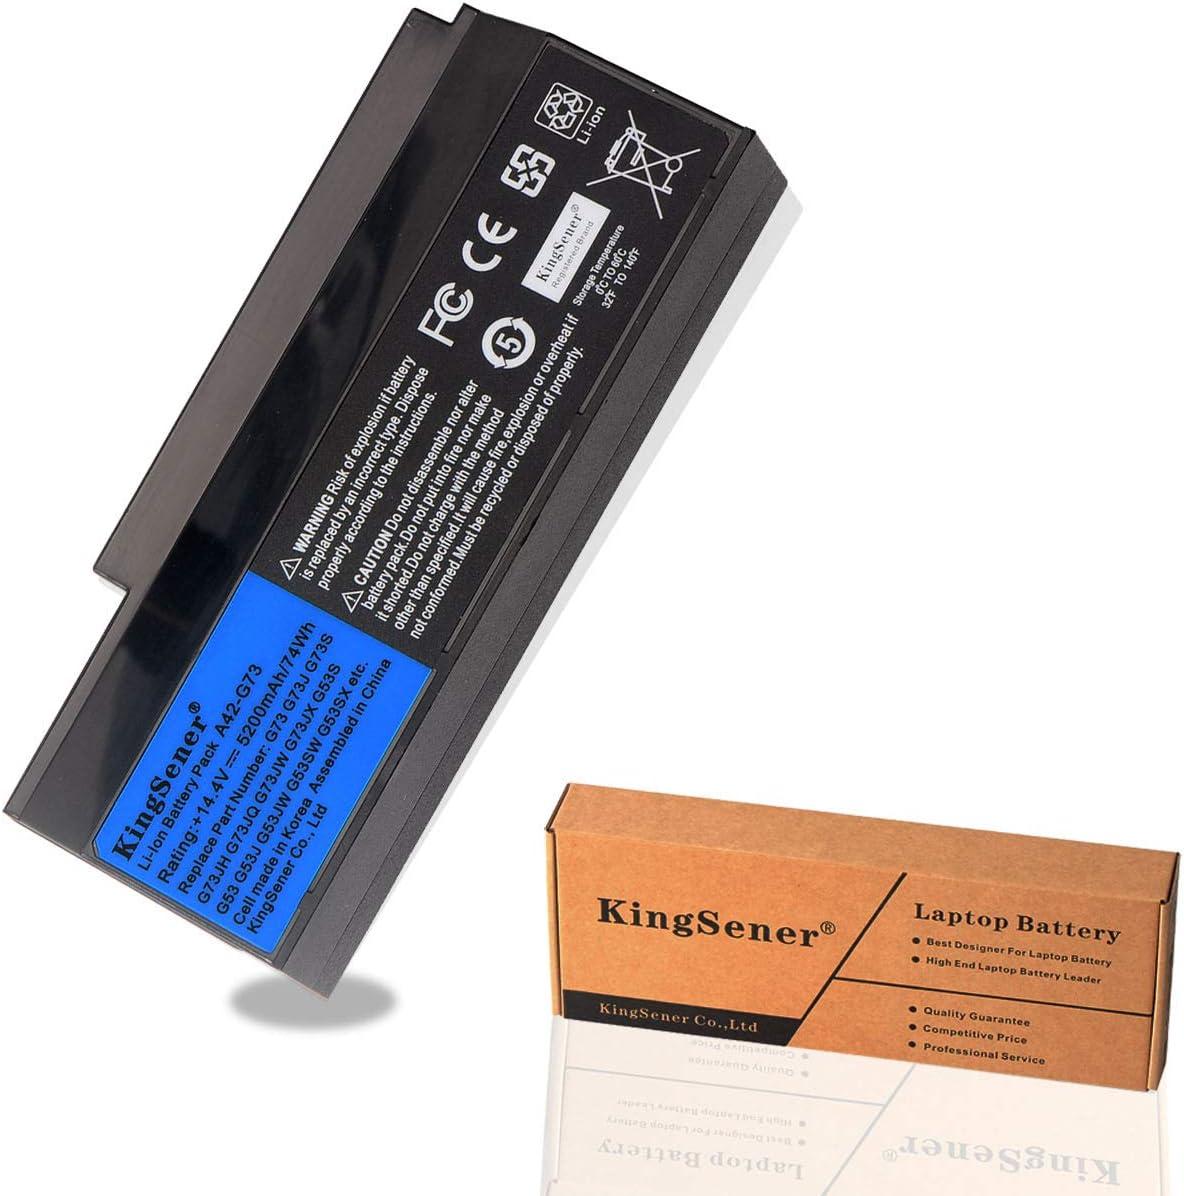 KingSener Korea Cell New A42-G73 Laptop Battery for ASUS G53 G53S G53J G53JW G53SX G73 G73S G73J G73JH G73JQ G73JW G73JX G73SW G73-52